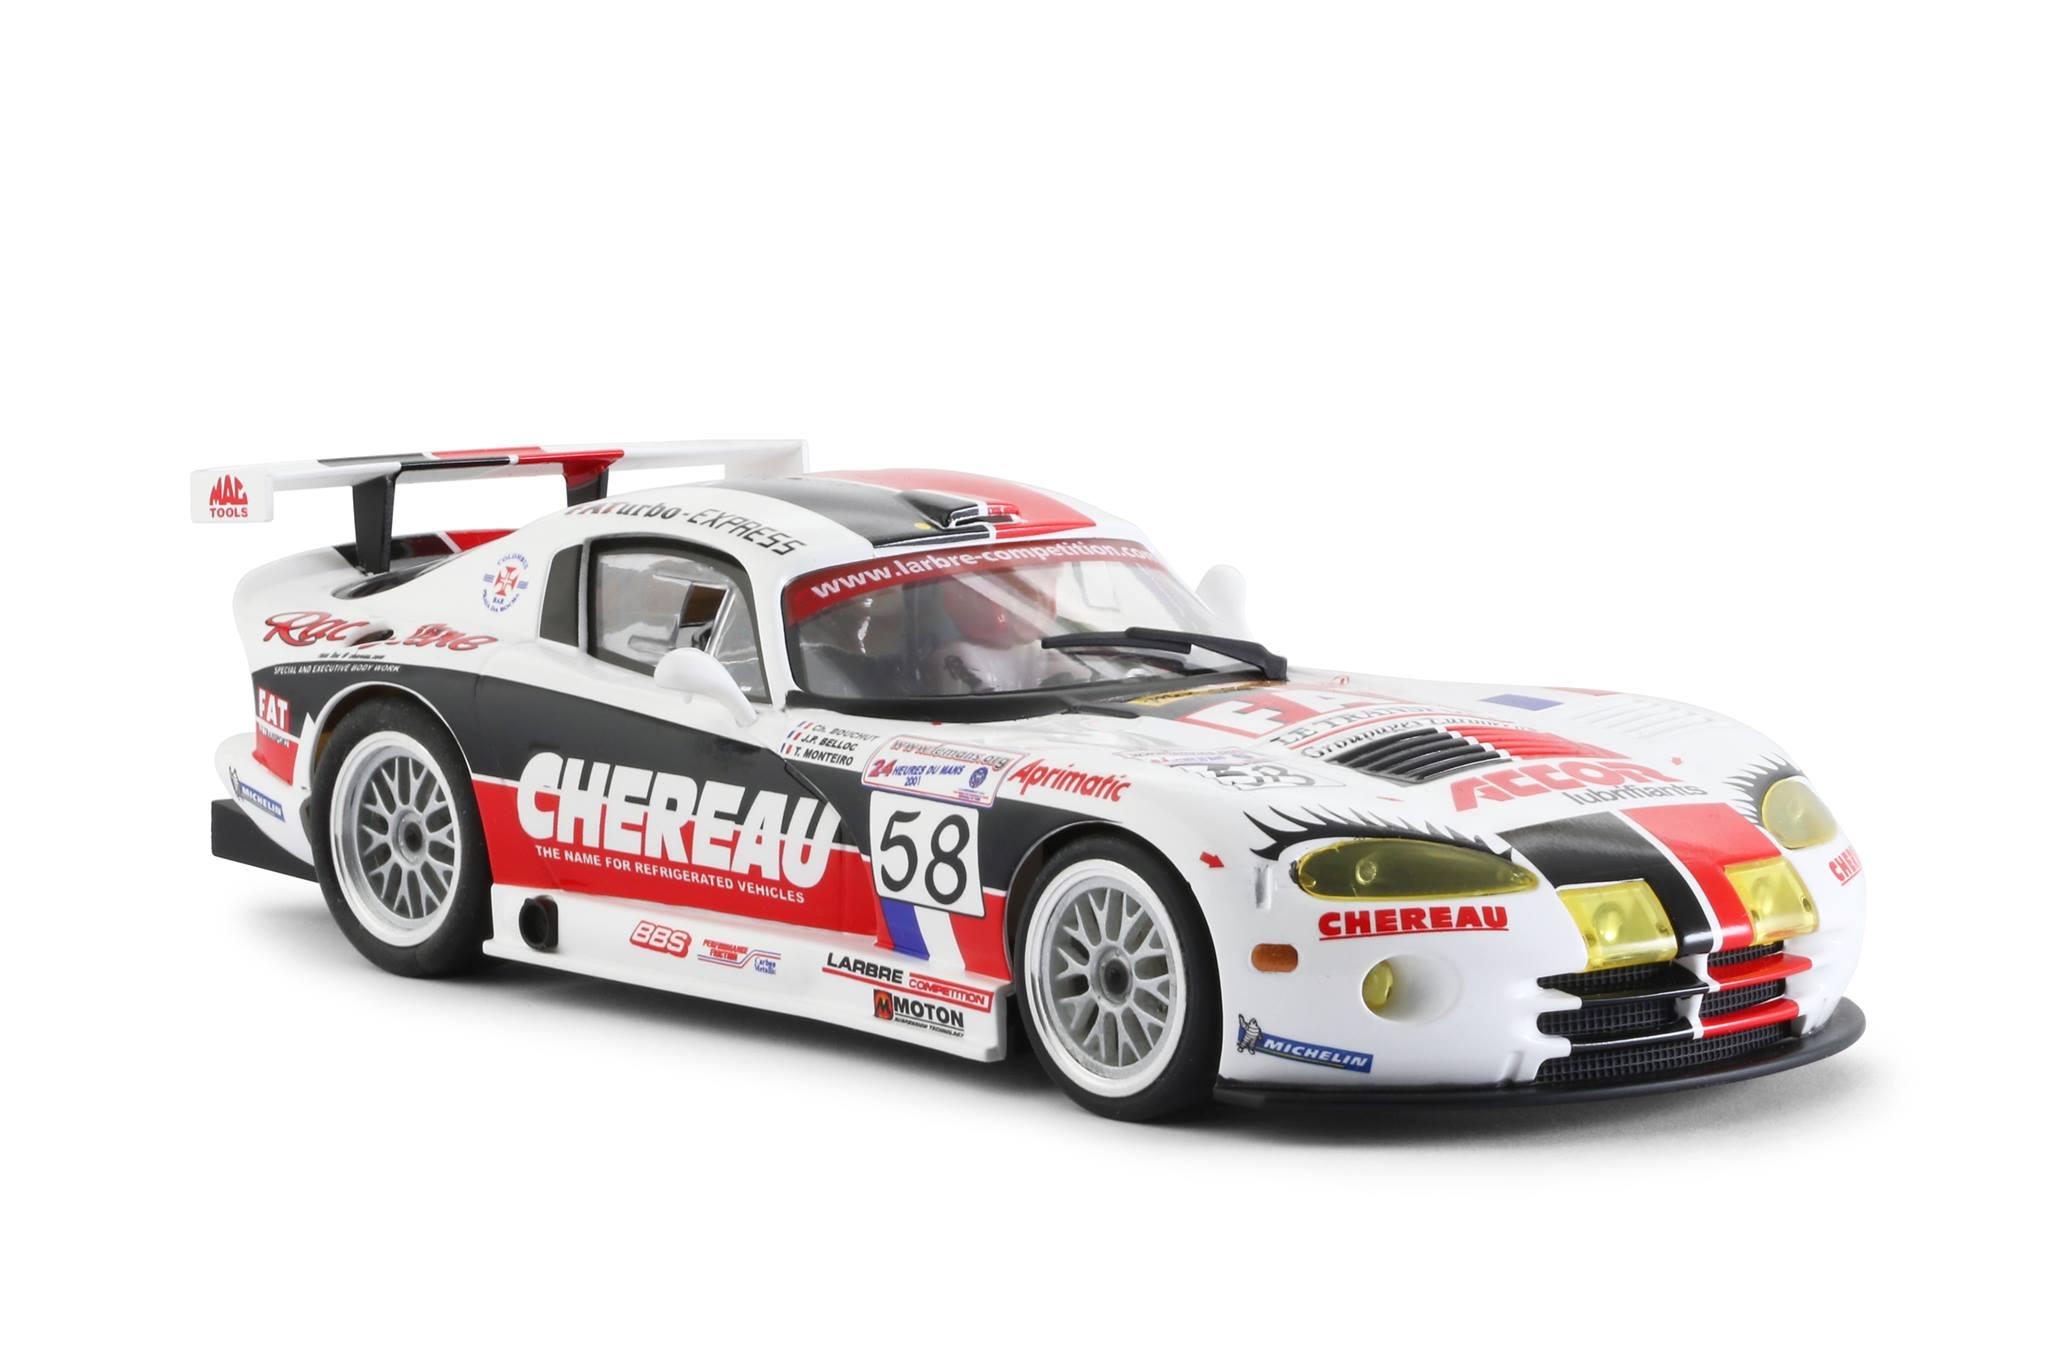 Viper GTS-R Team Larbre Competition Chereau #58 Le Mans 2001 (termine en 20 positions) – Jean-Philippe Belloc, Christophe Bouchut, Tiago Monteiro